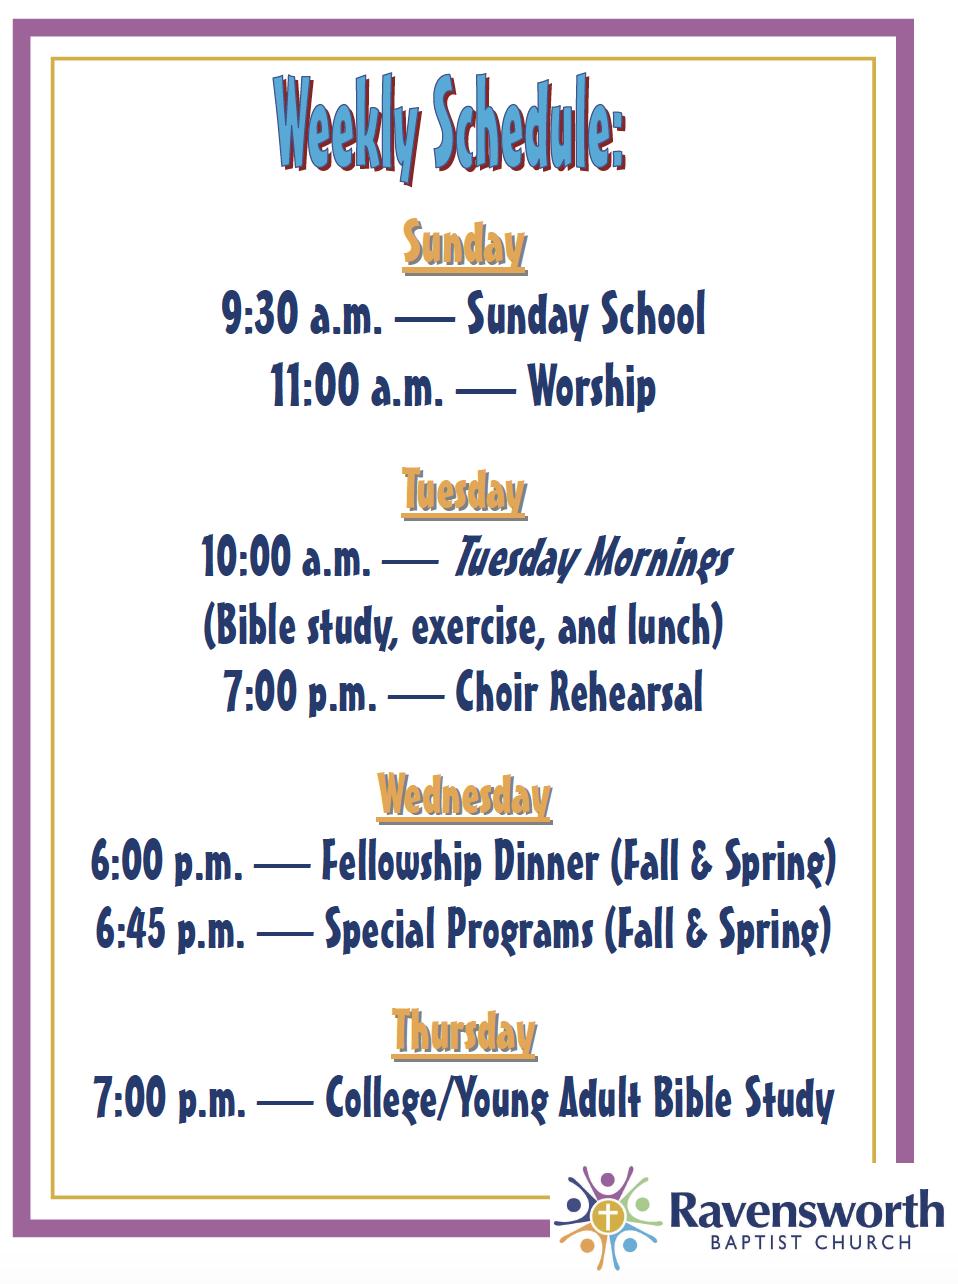 Ravensworth Weekly Schedule